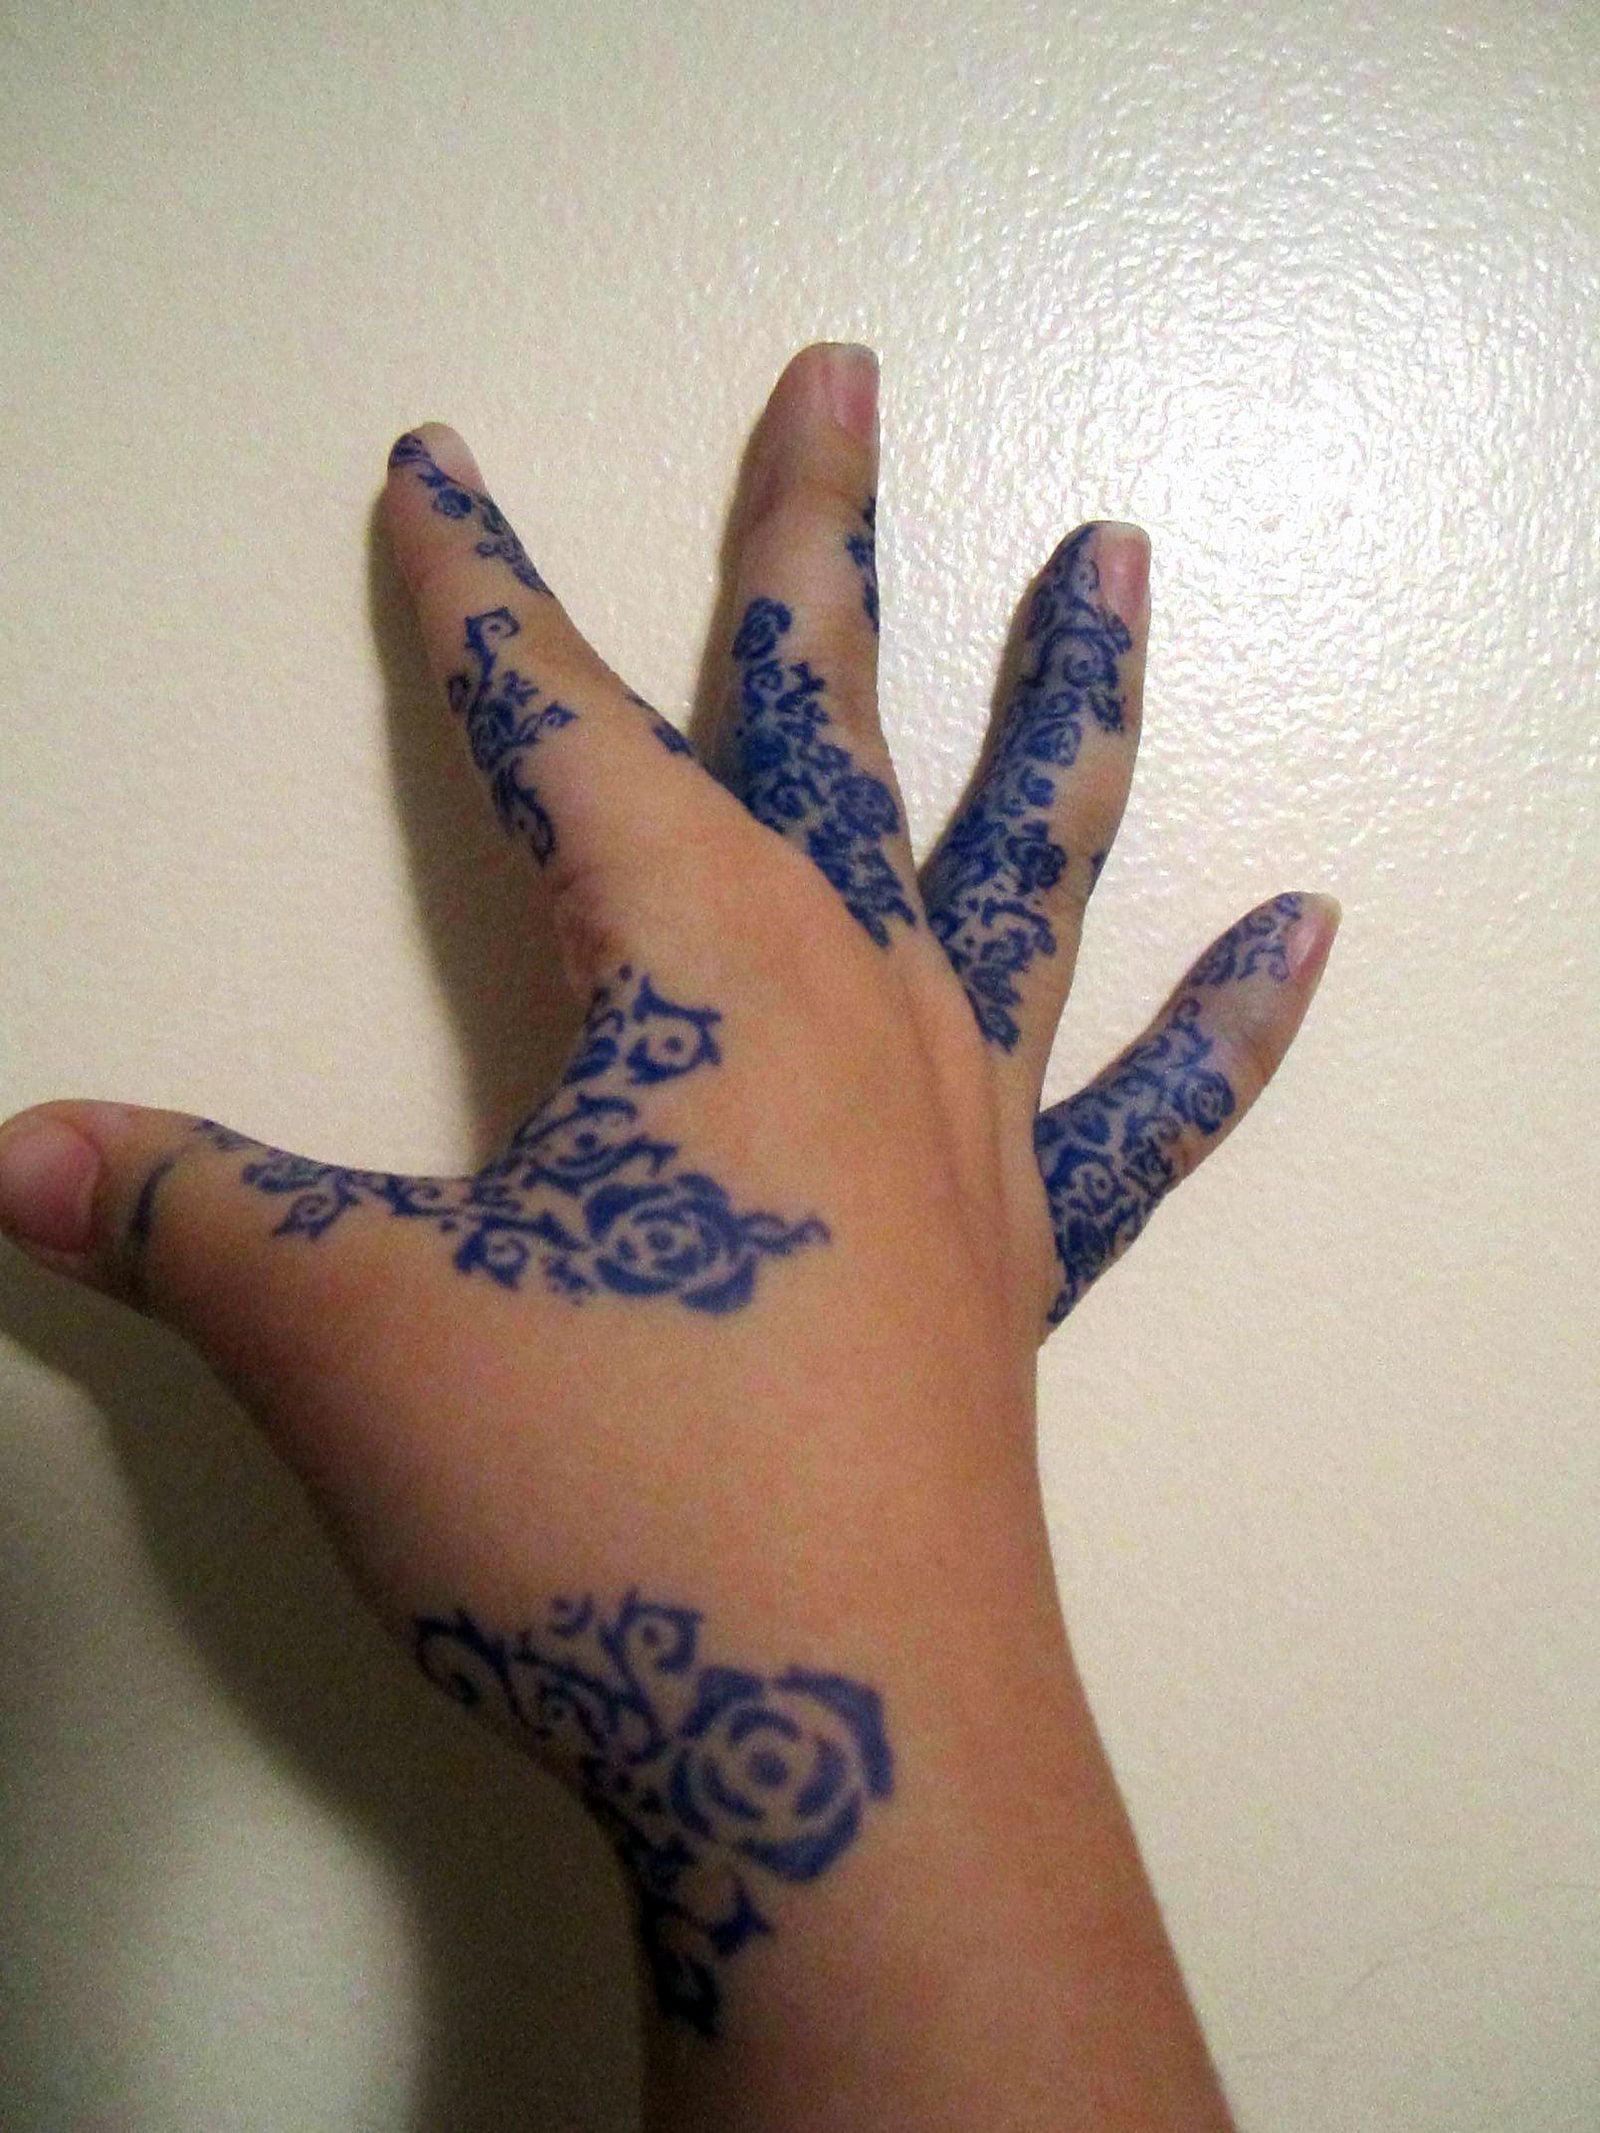 blue rose tattoo pictures cool tattoos bonbaden. Black Bedroom Furniture Sets. Home Design Ideas